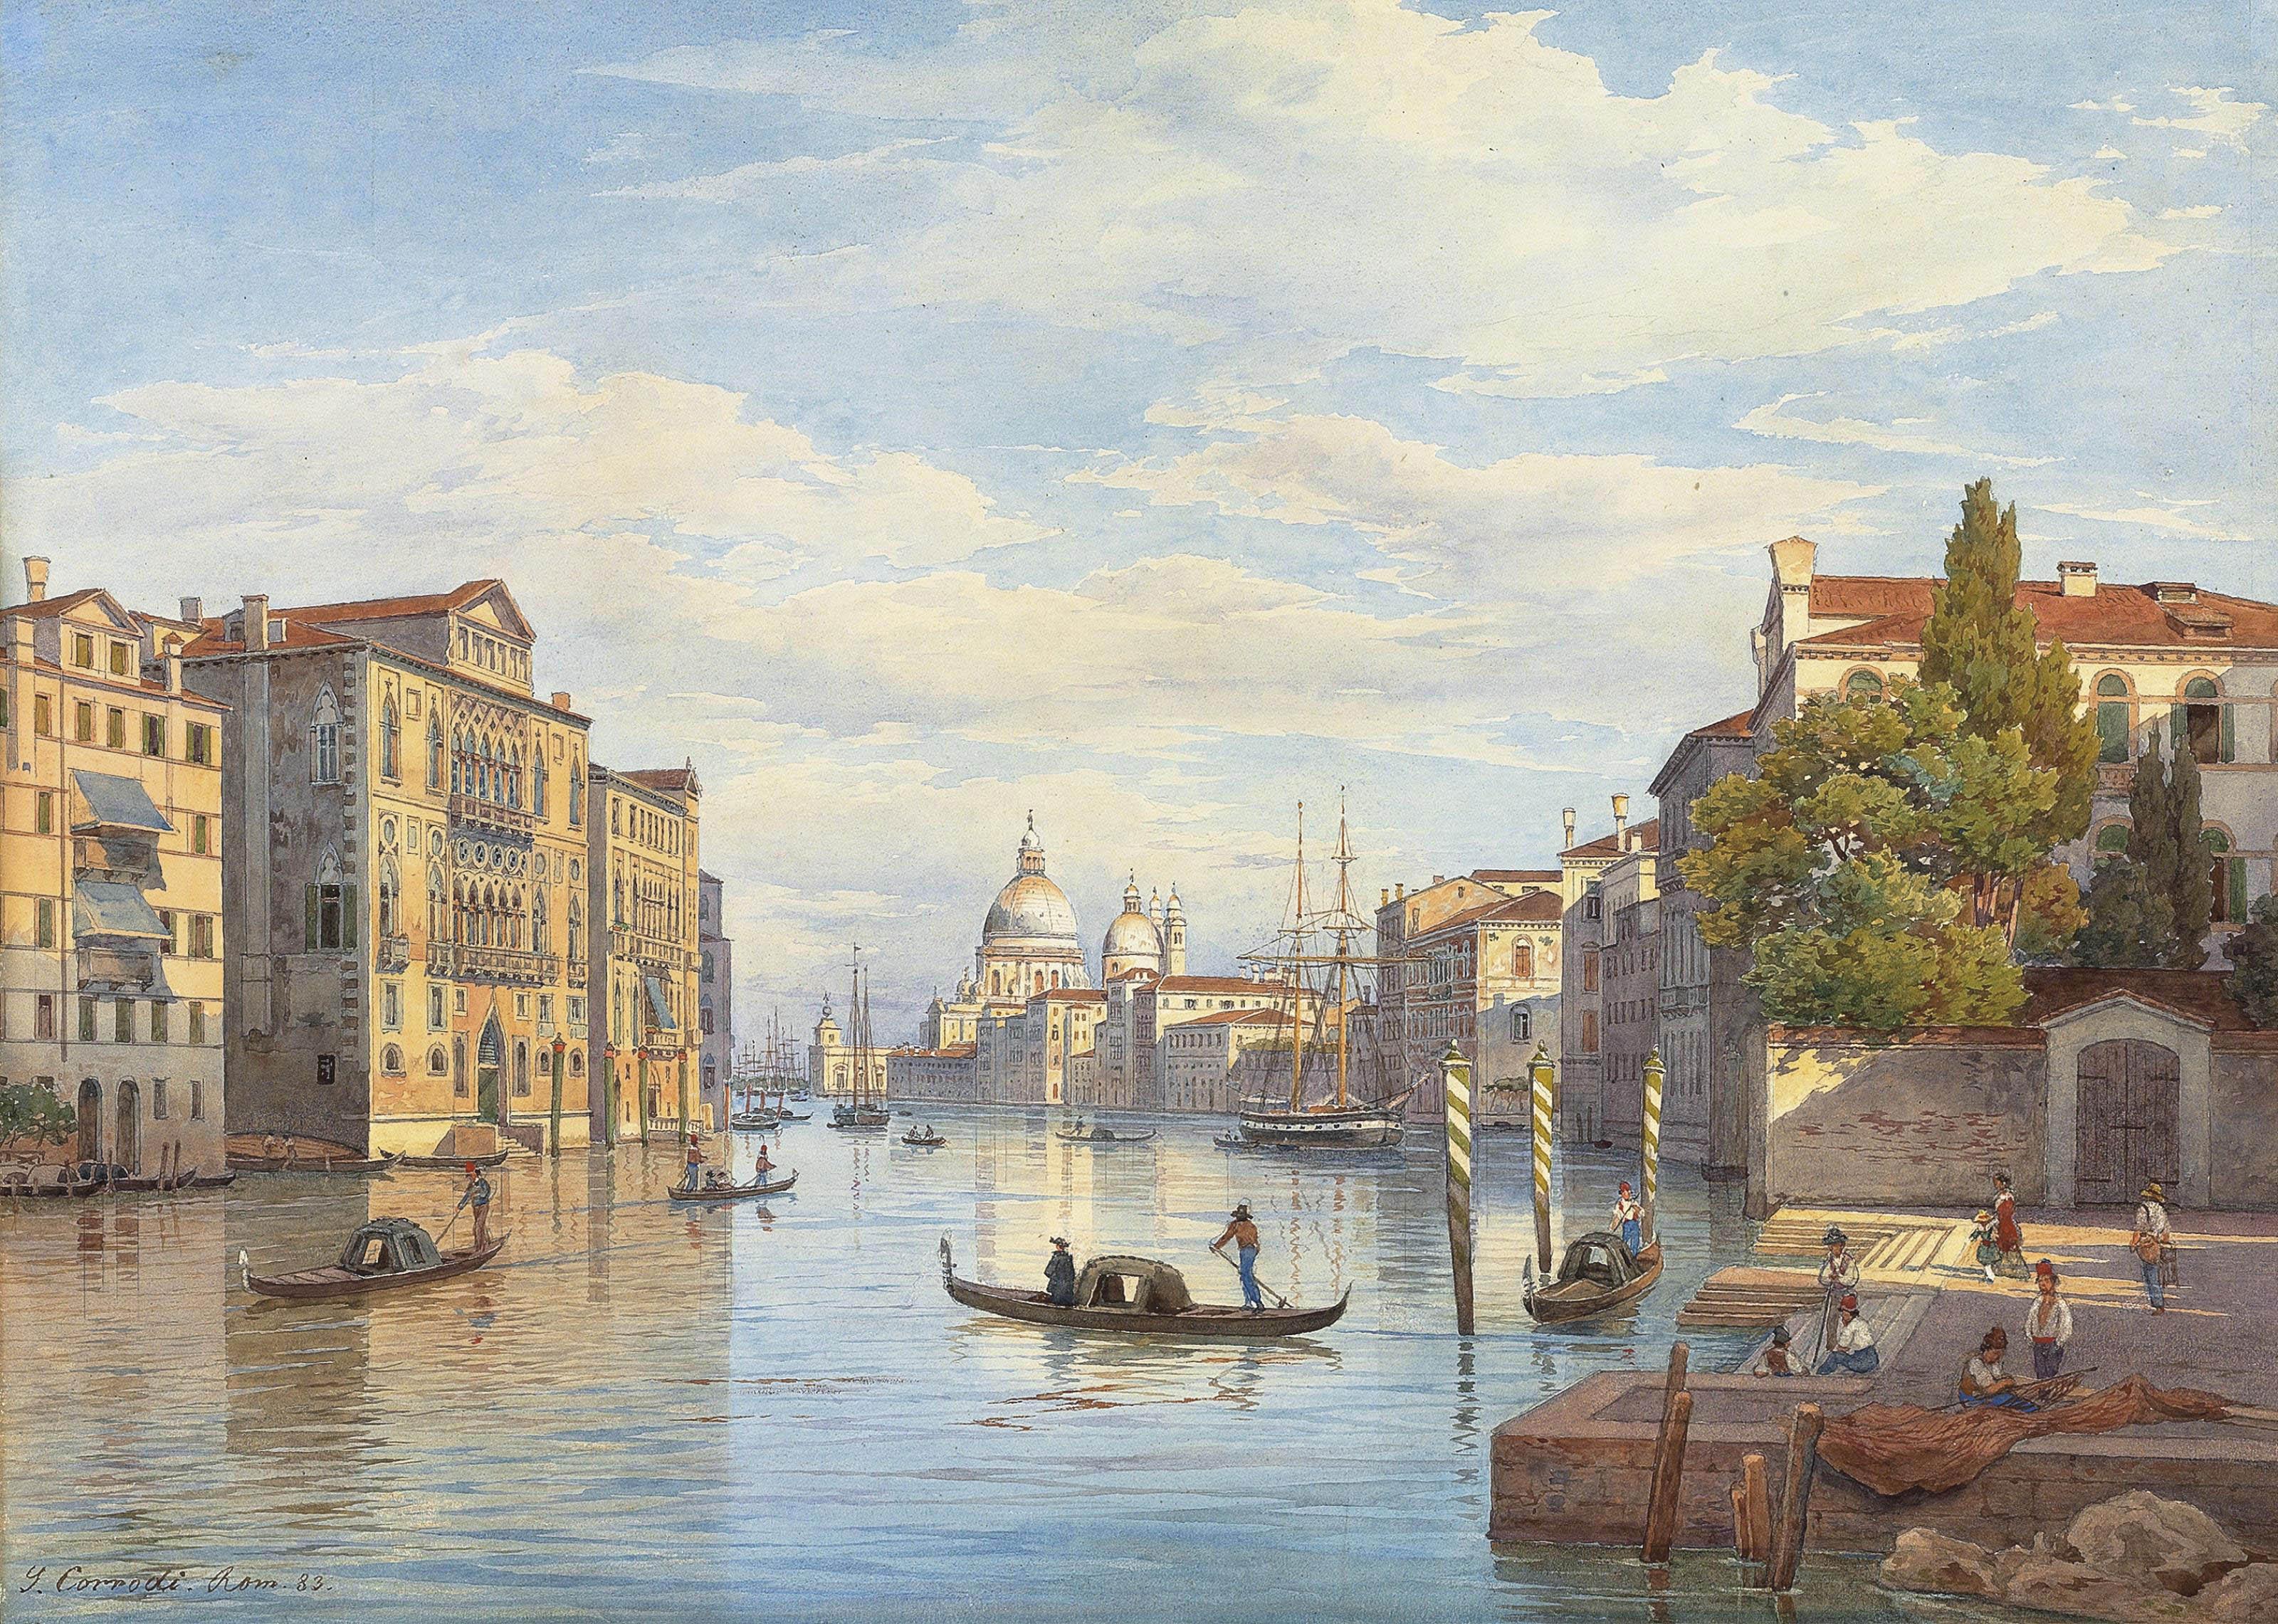 The Grand Canal and the Basilica of Santa Maria della Salute, Venice